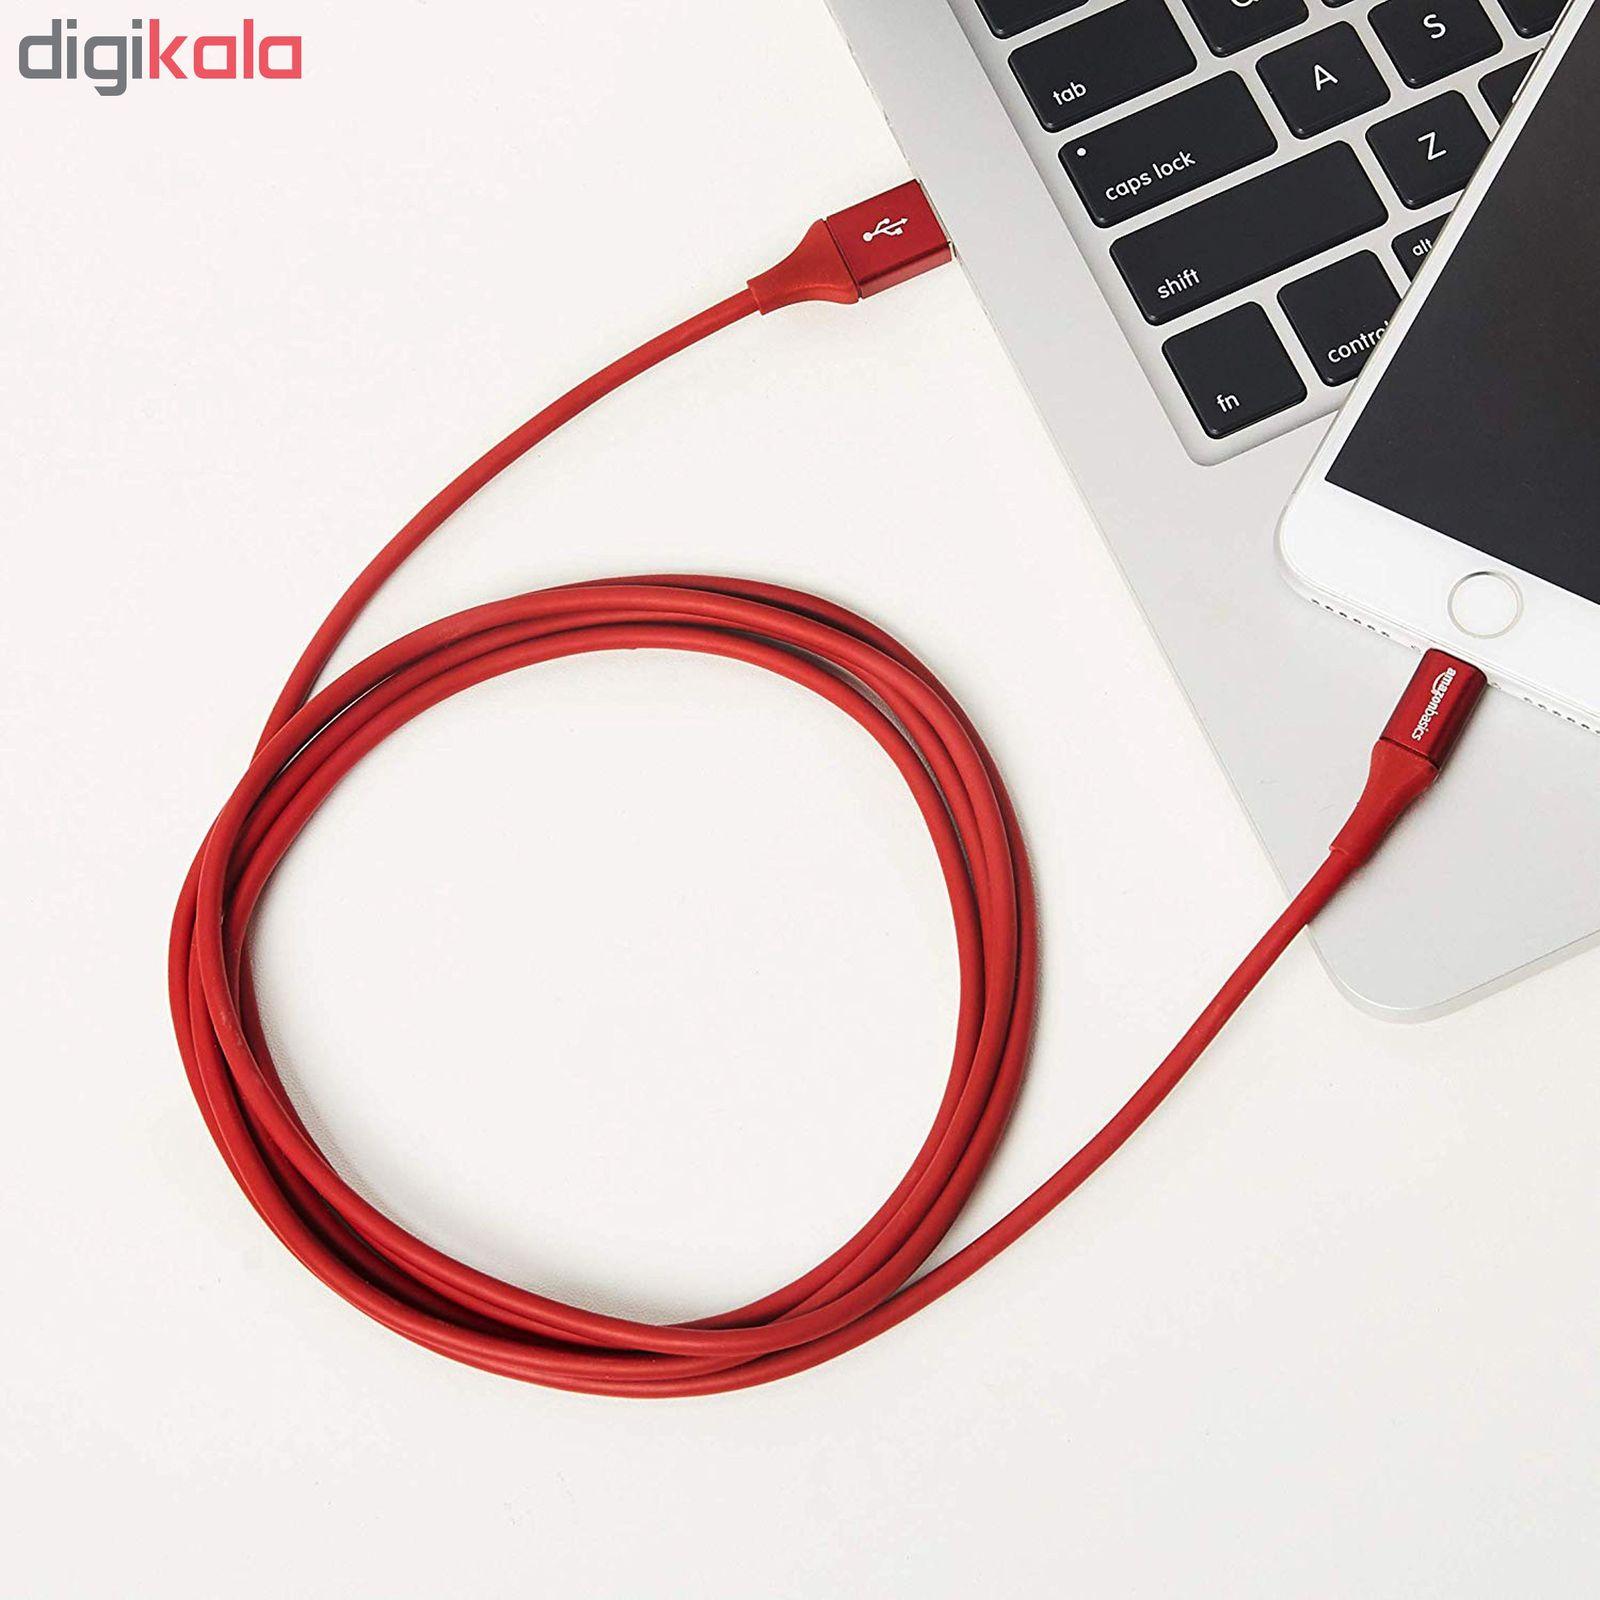 کابل تبدیل USB به لایتنینگ آمازون بیسیکس مدل L6LMF129-CS-R طول 1.8 متر main 1 8